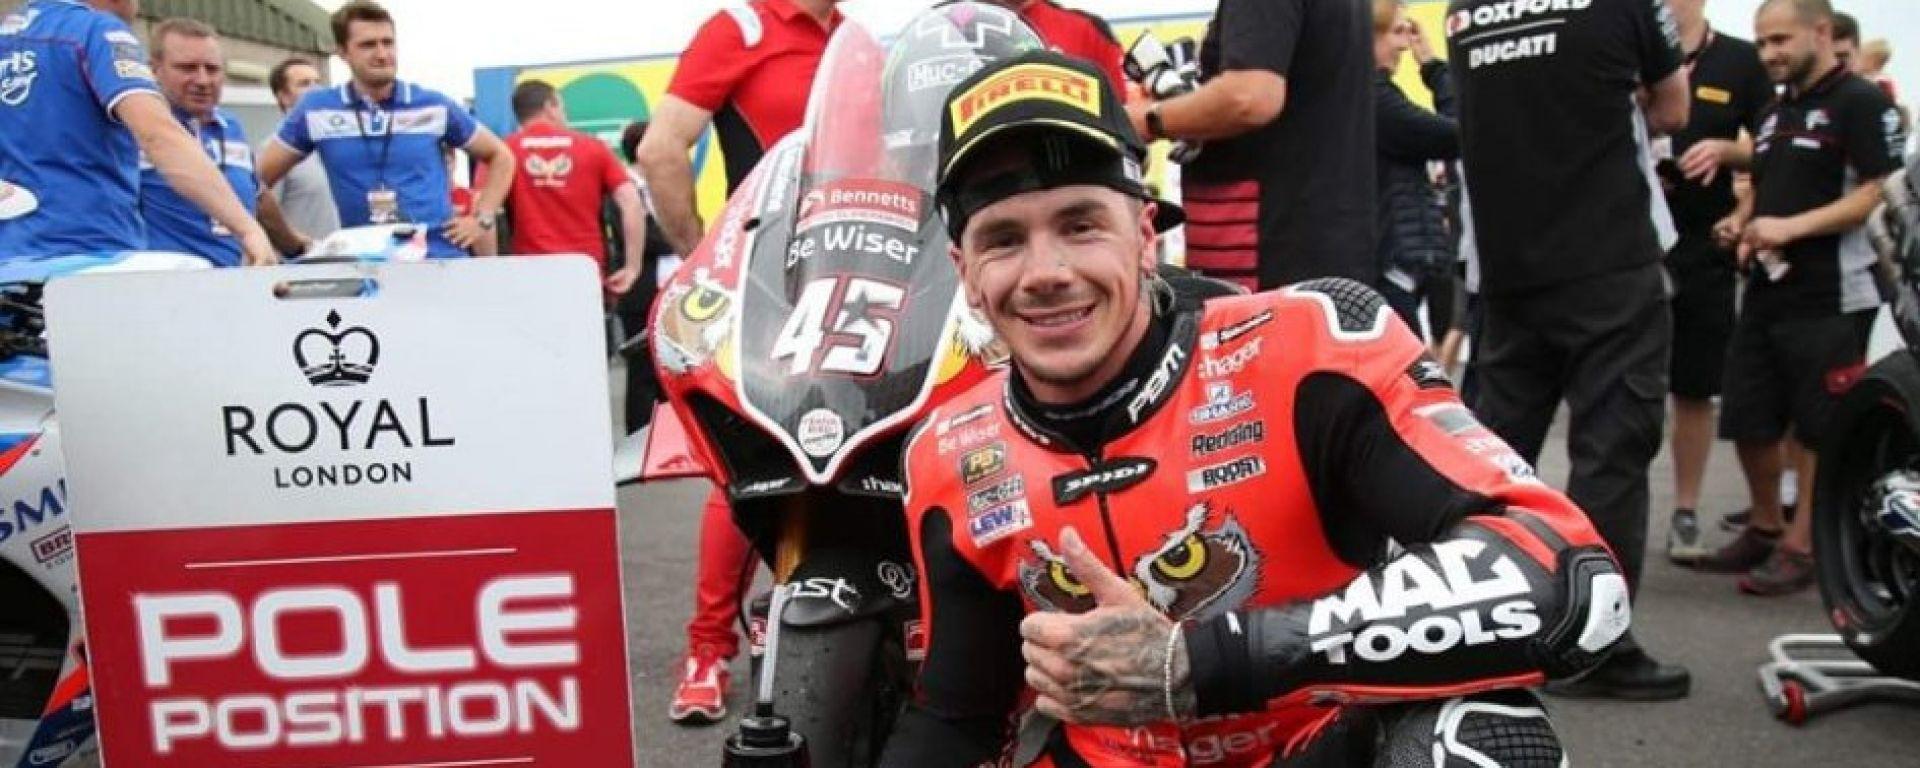 Scott Redding impegnato nel British Superbike 2019 con la Ducati Panigale V4 R